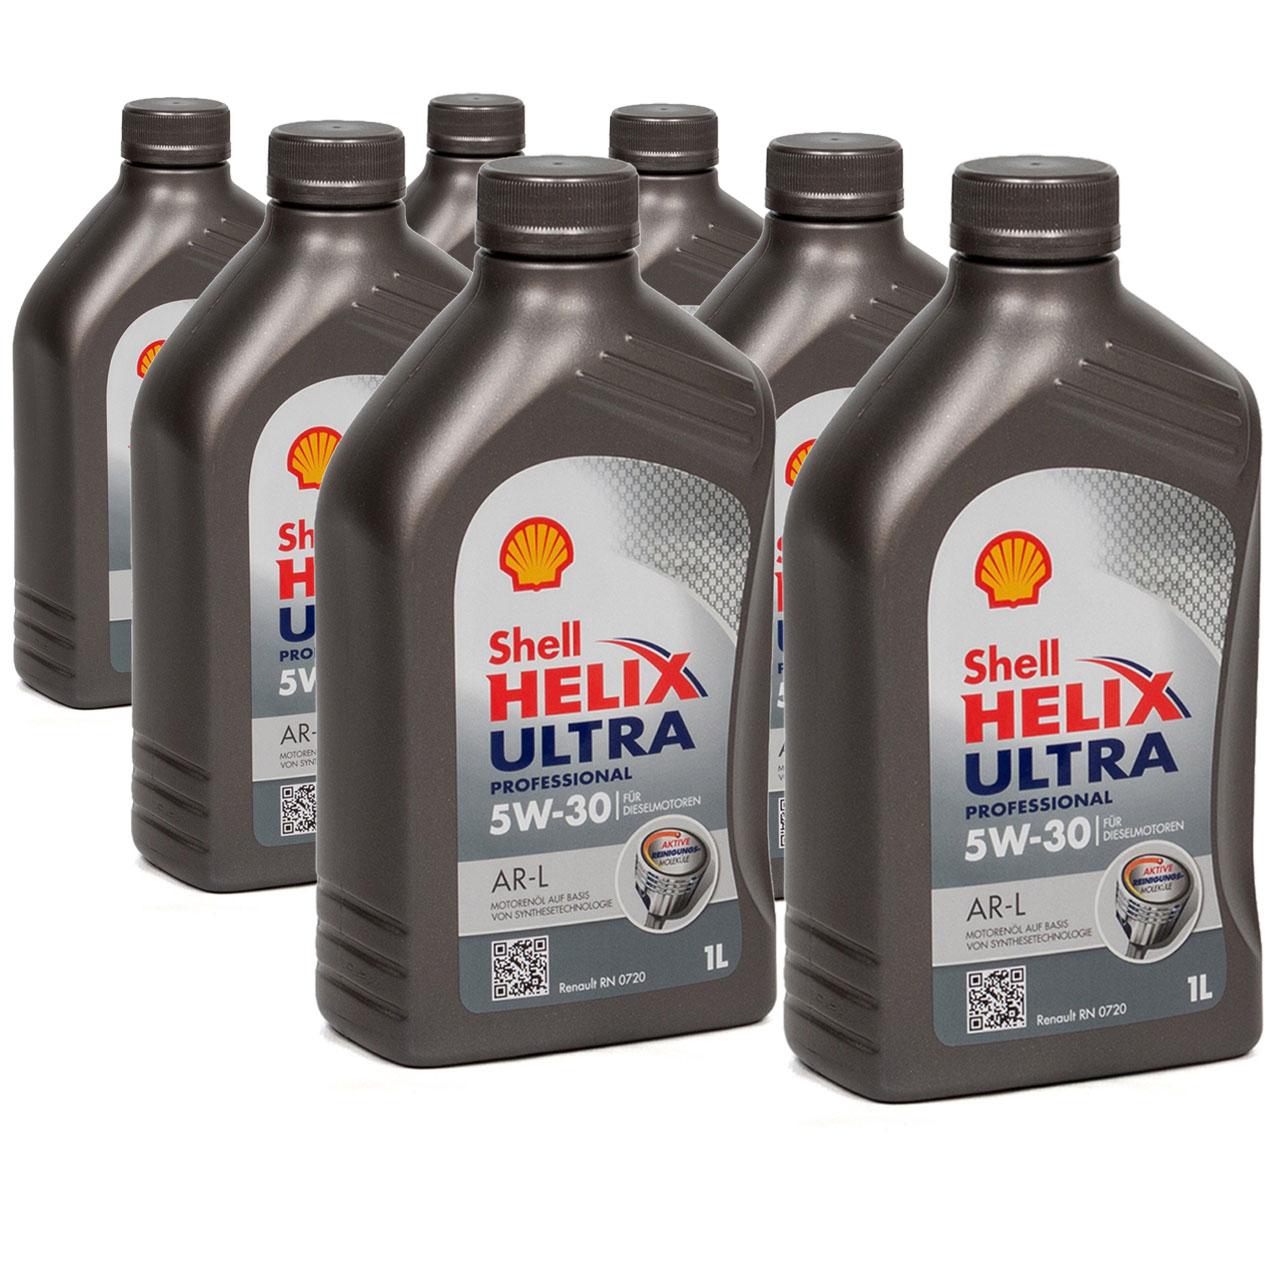 SHELL Motoröl Öl HELIX ULTRA Professional AR-L 5W30 Renault RN0720 - 7L 7 Liter